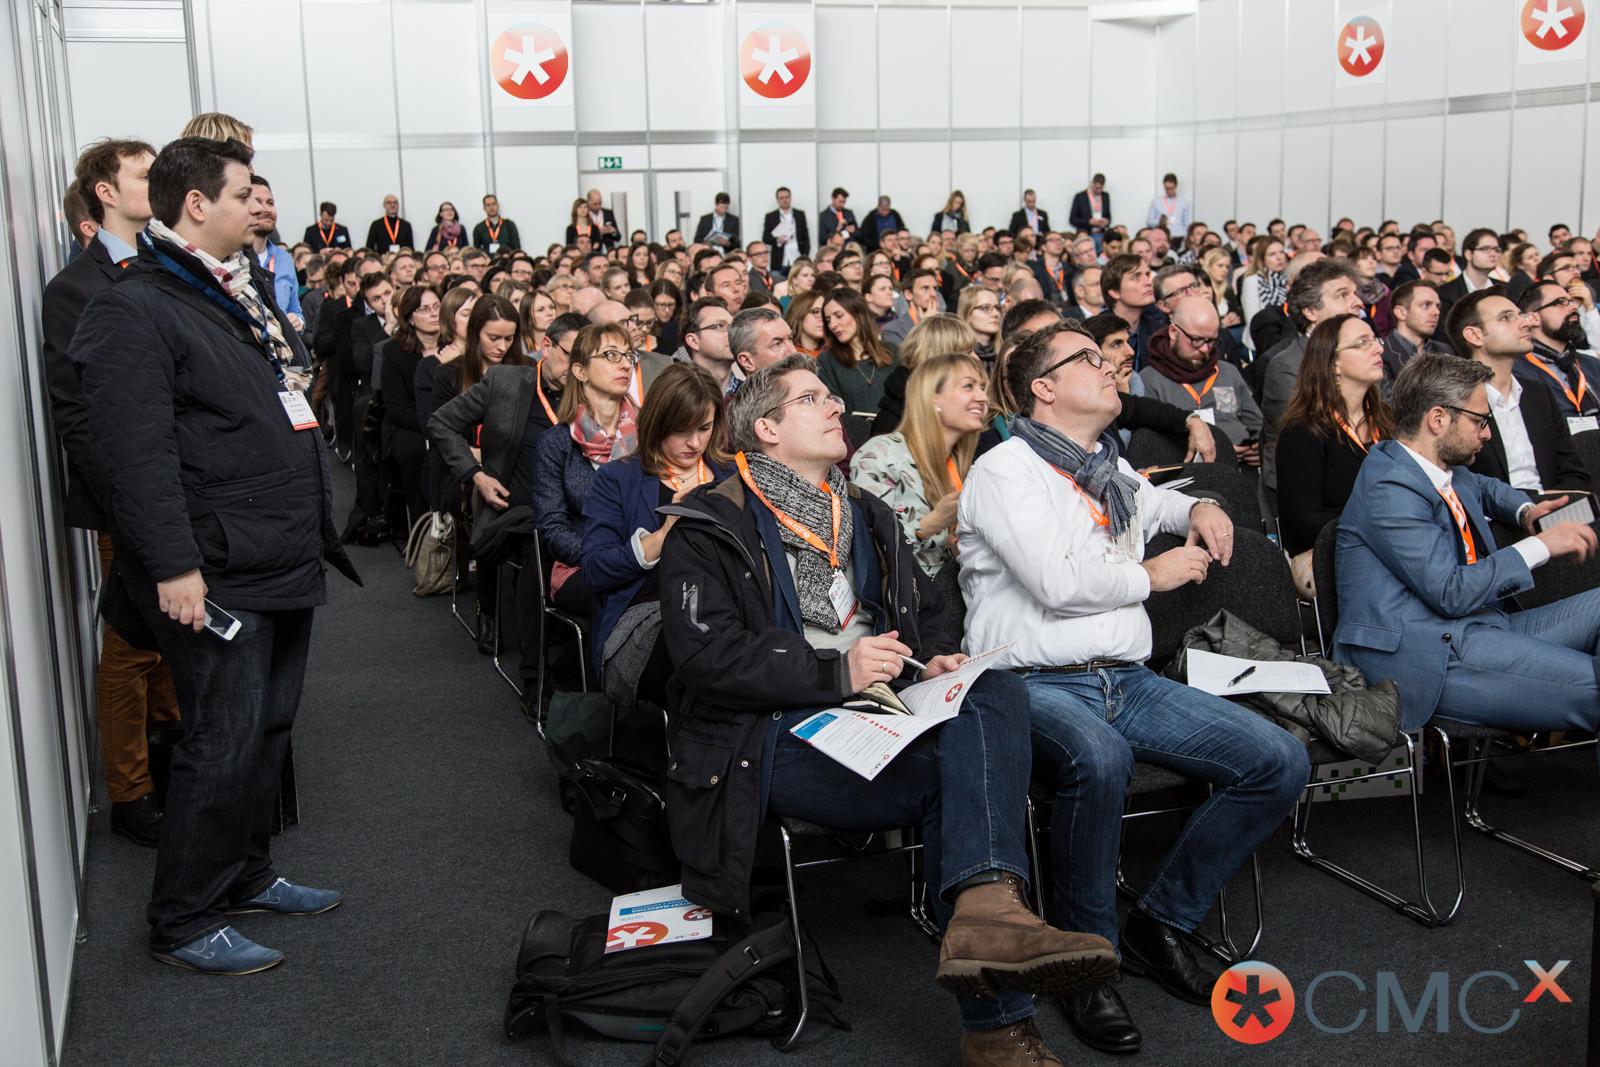 Eure Speaker auf der CMCX 2017 –<br> Teil 1